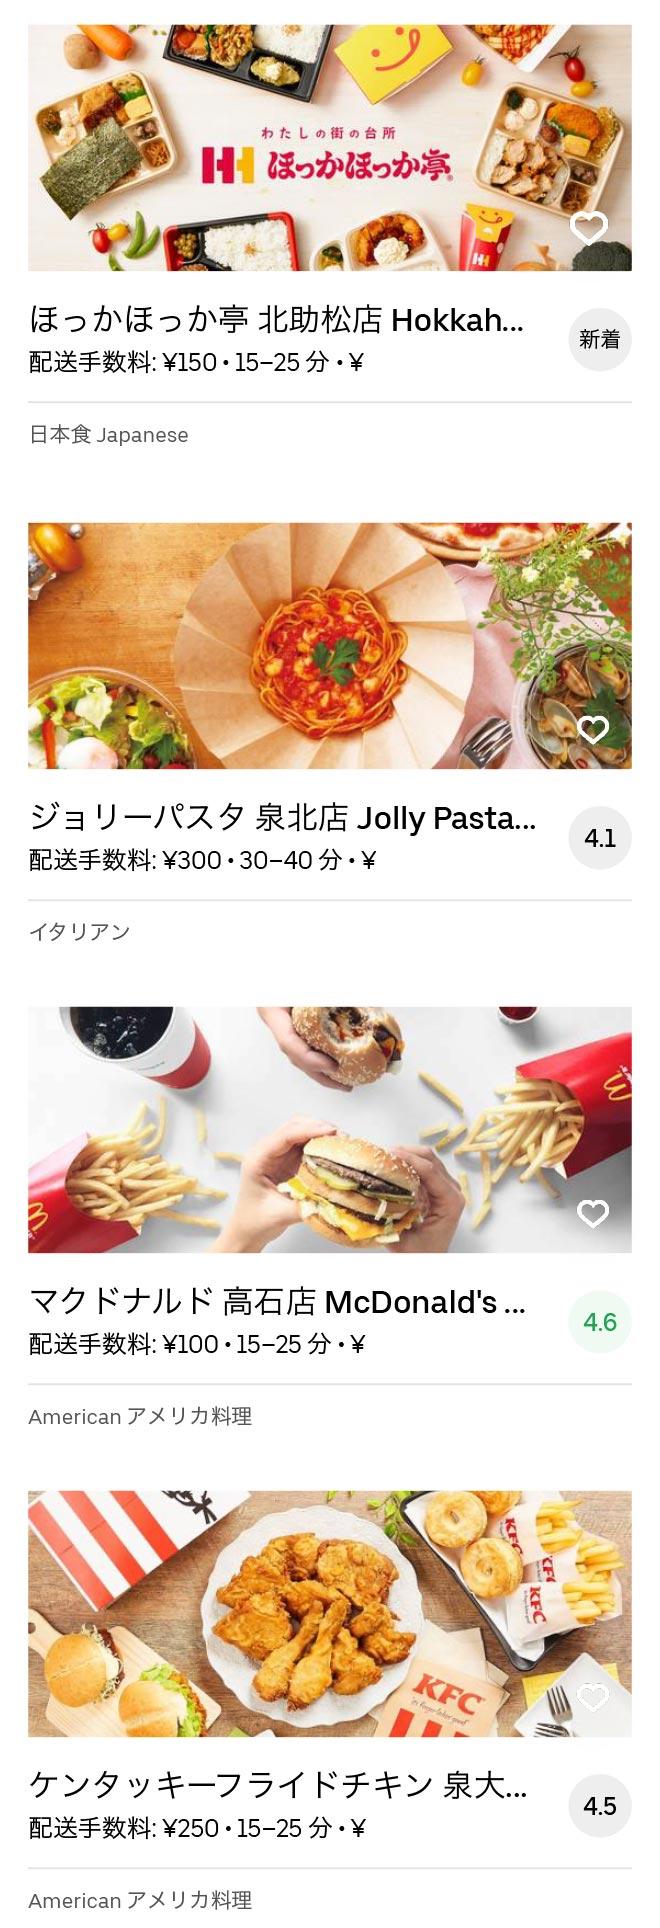 Izumi kitashinoda menu 2005 01